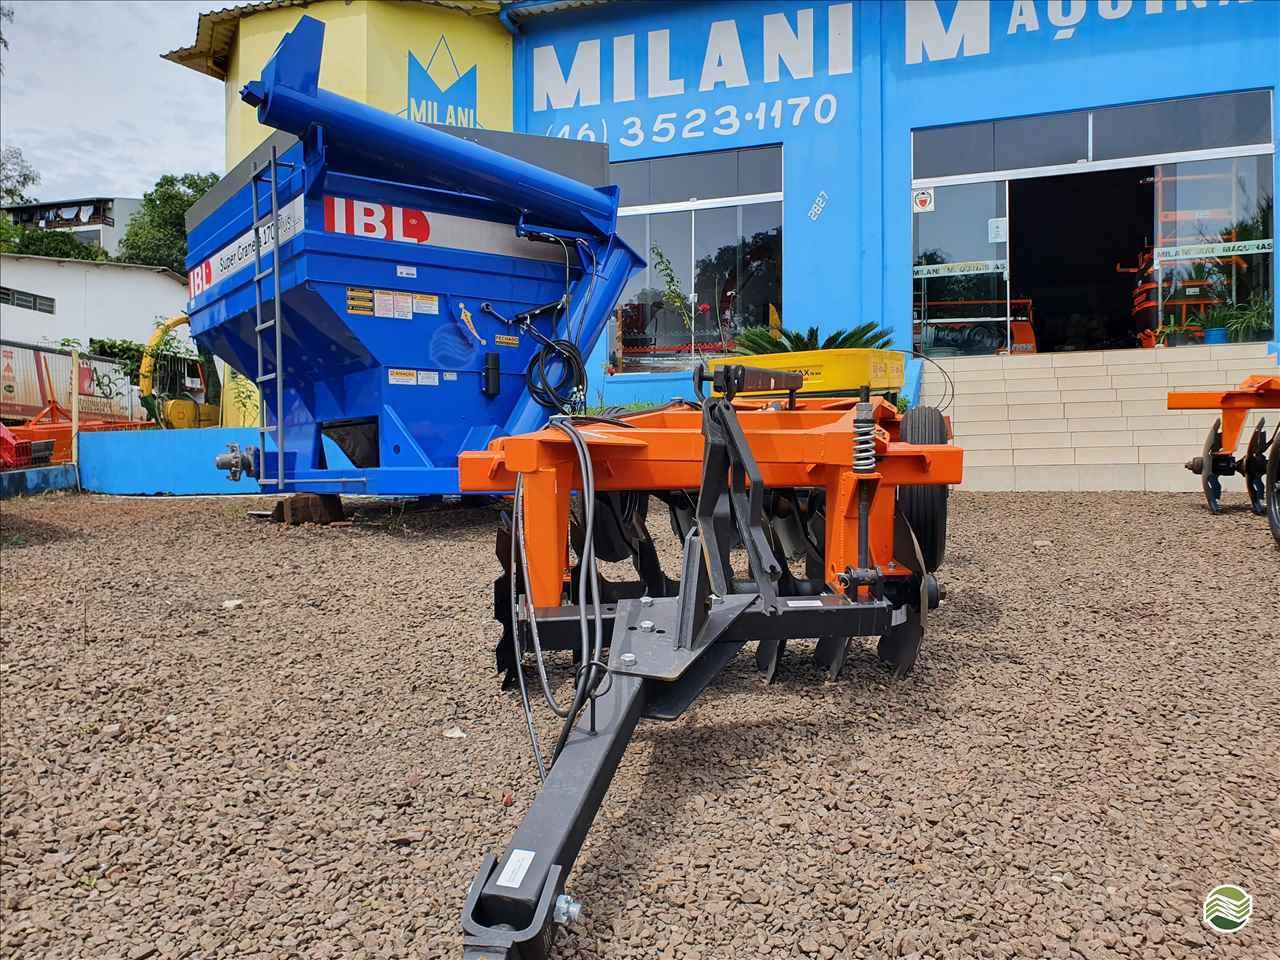 IMPLEMENTOS AGRICOLAS GRADE ARADORA ARADORA 14 DISCOS Milani Máquinas FRANCISCO BELTRAO PARANÁ PR